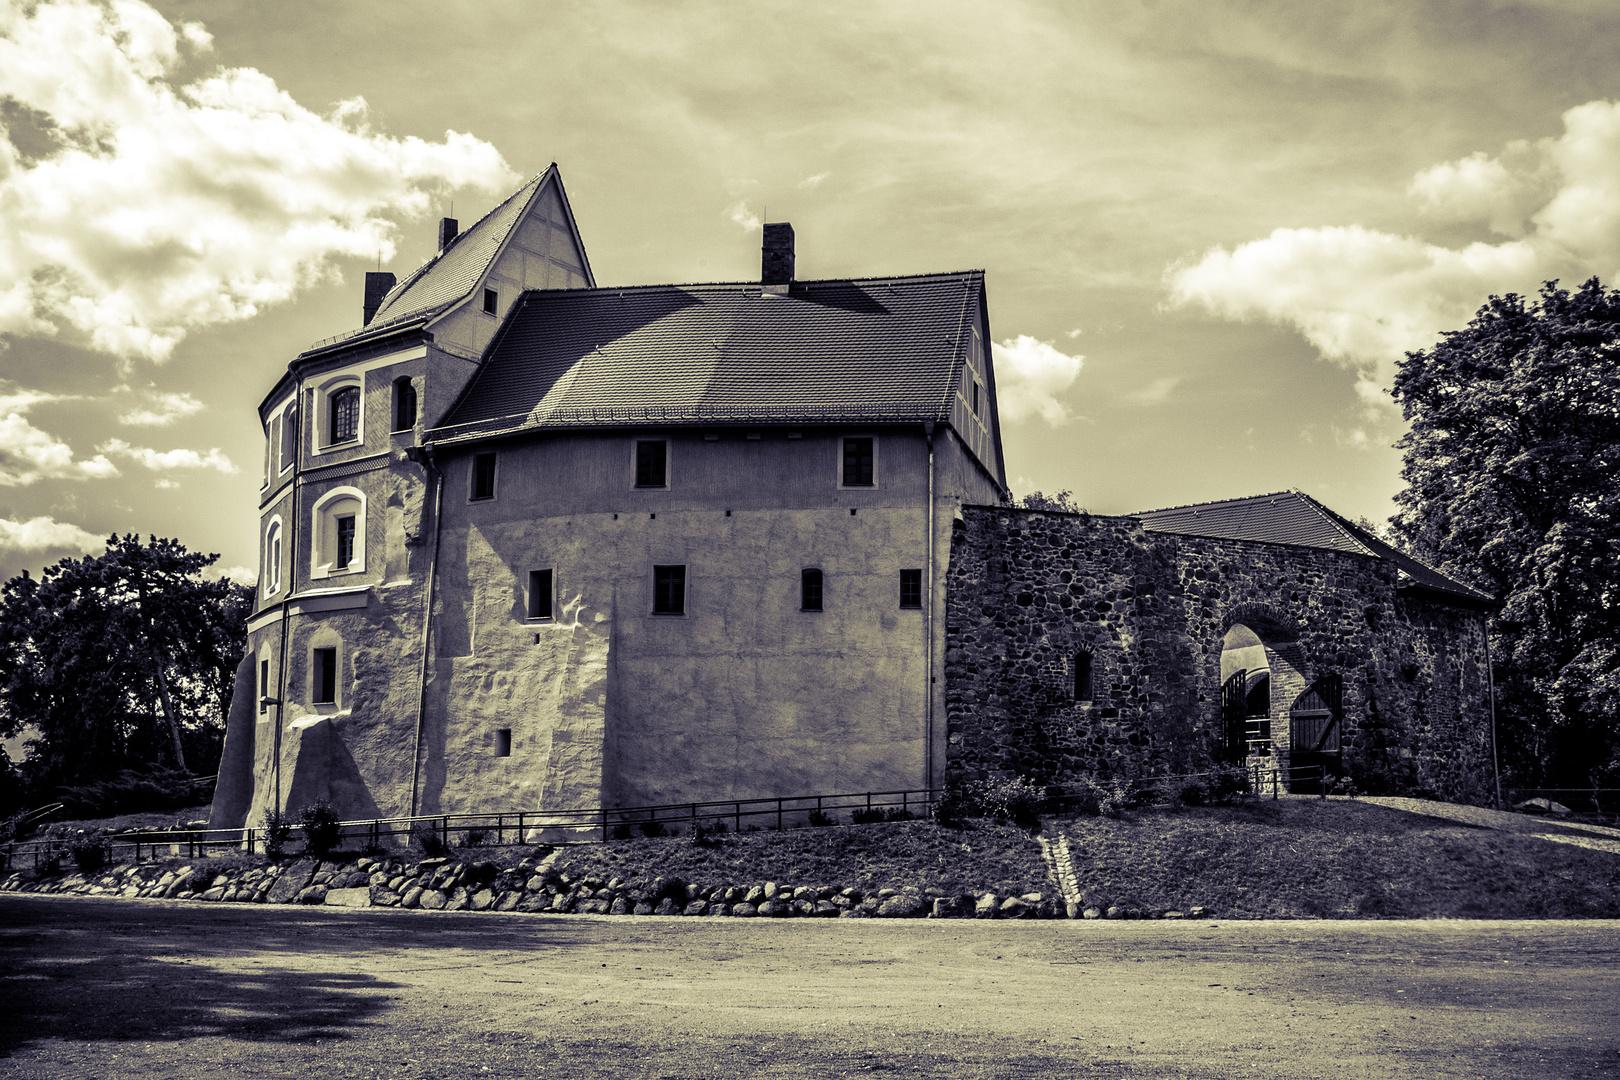 alte Burg in neuem Gewand - Wasserburg Roßlau